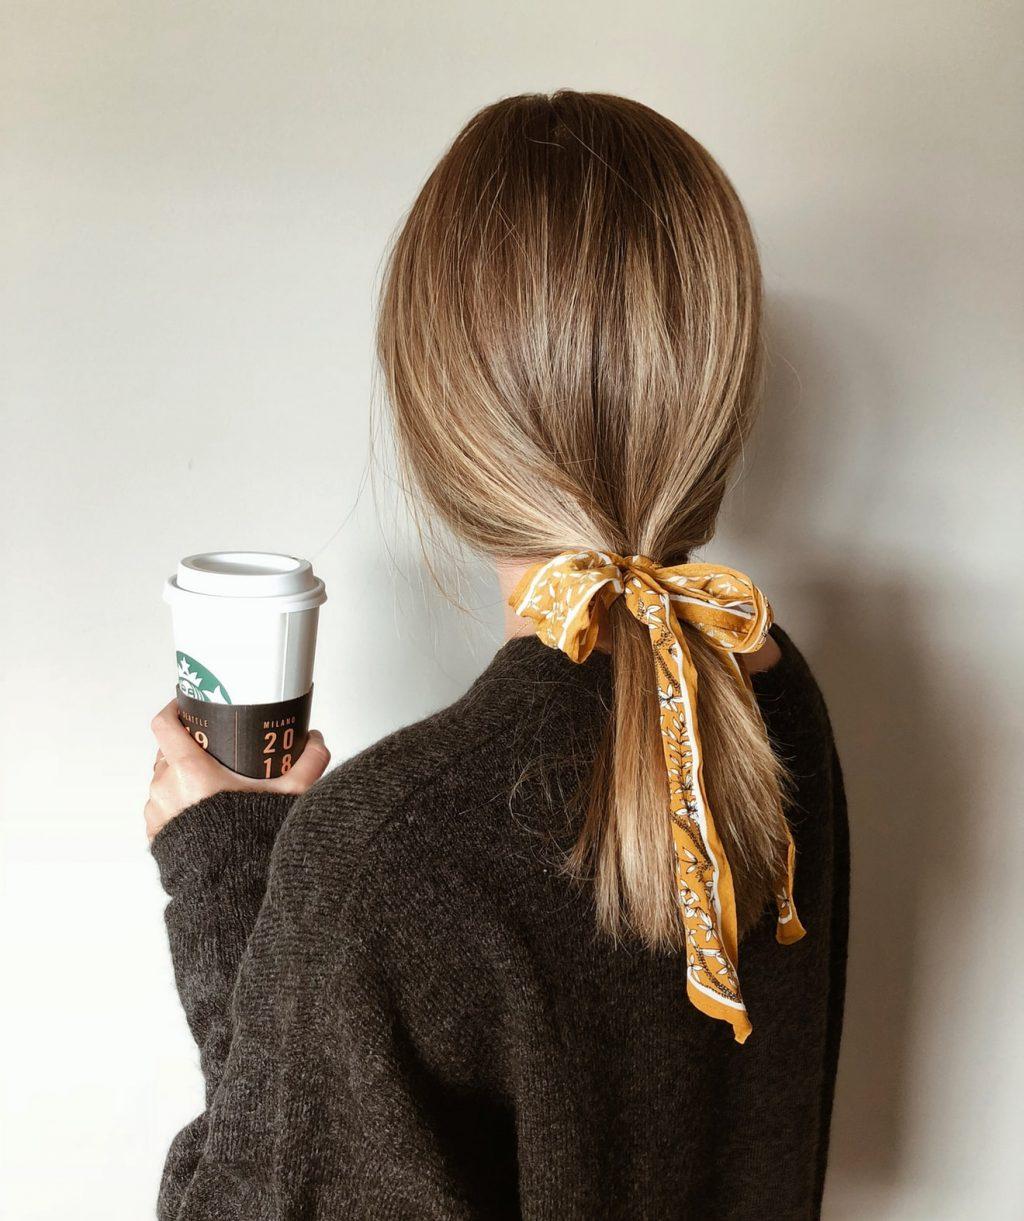 buộc tóc làm đẹp nhanh